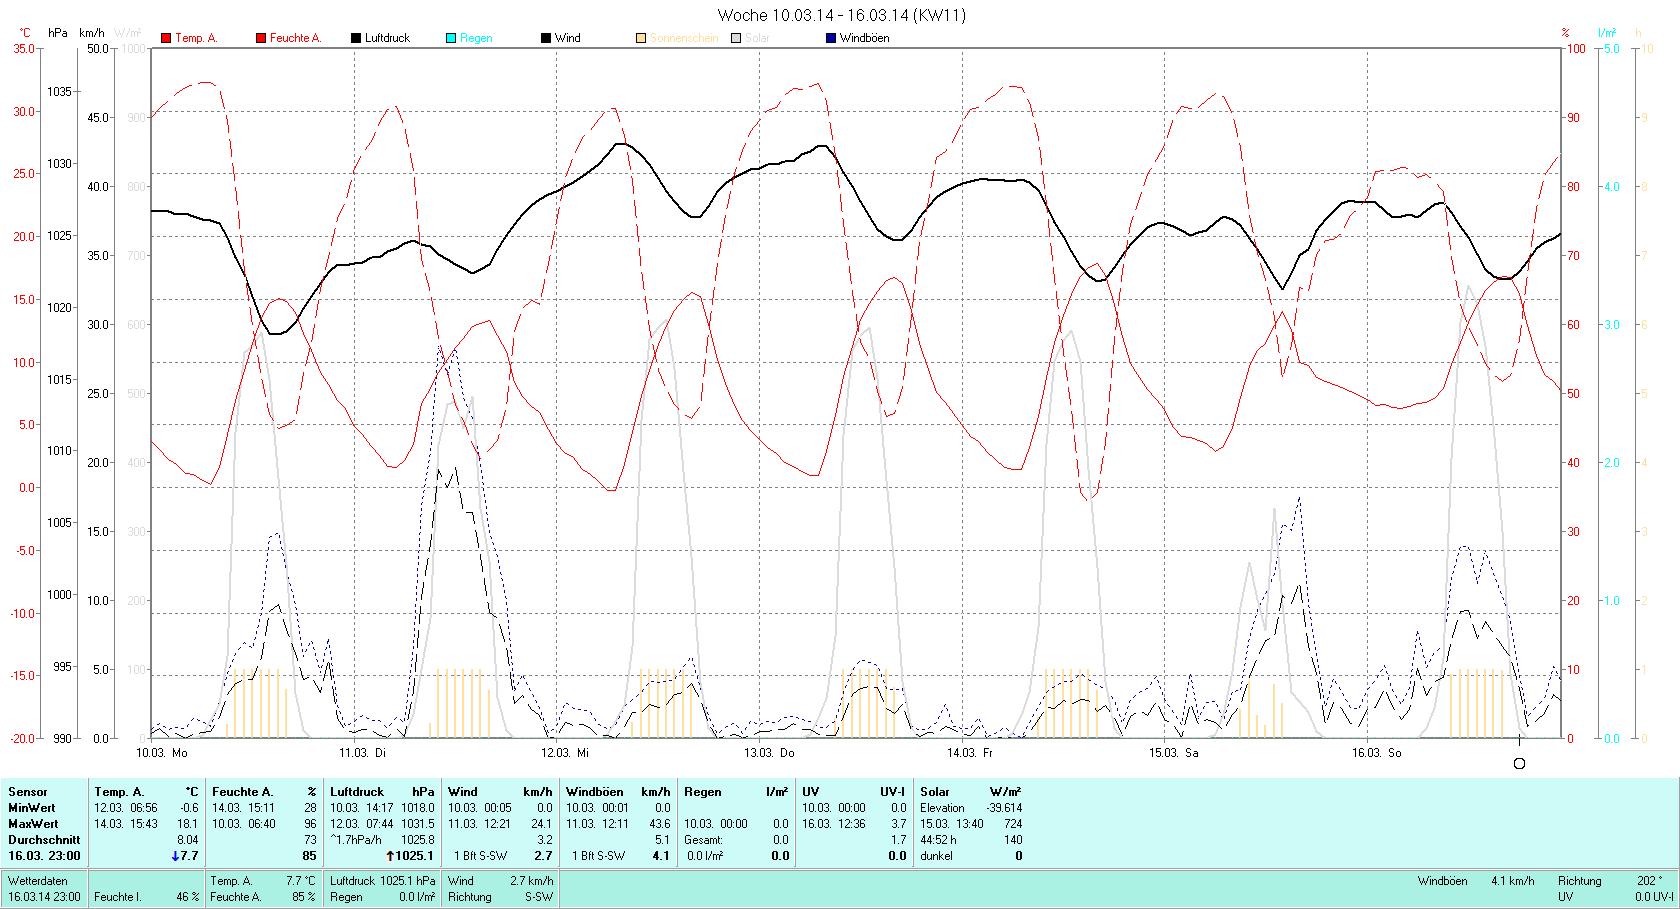 KW 11 Tmin -0.6°C, Tmax 18.1°C, Sonne 46:56h, Niederschlag 0.0mm/2